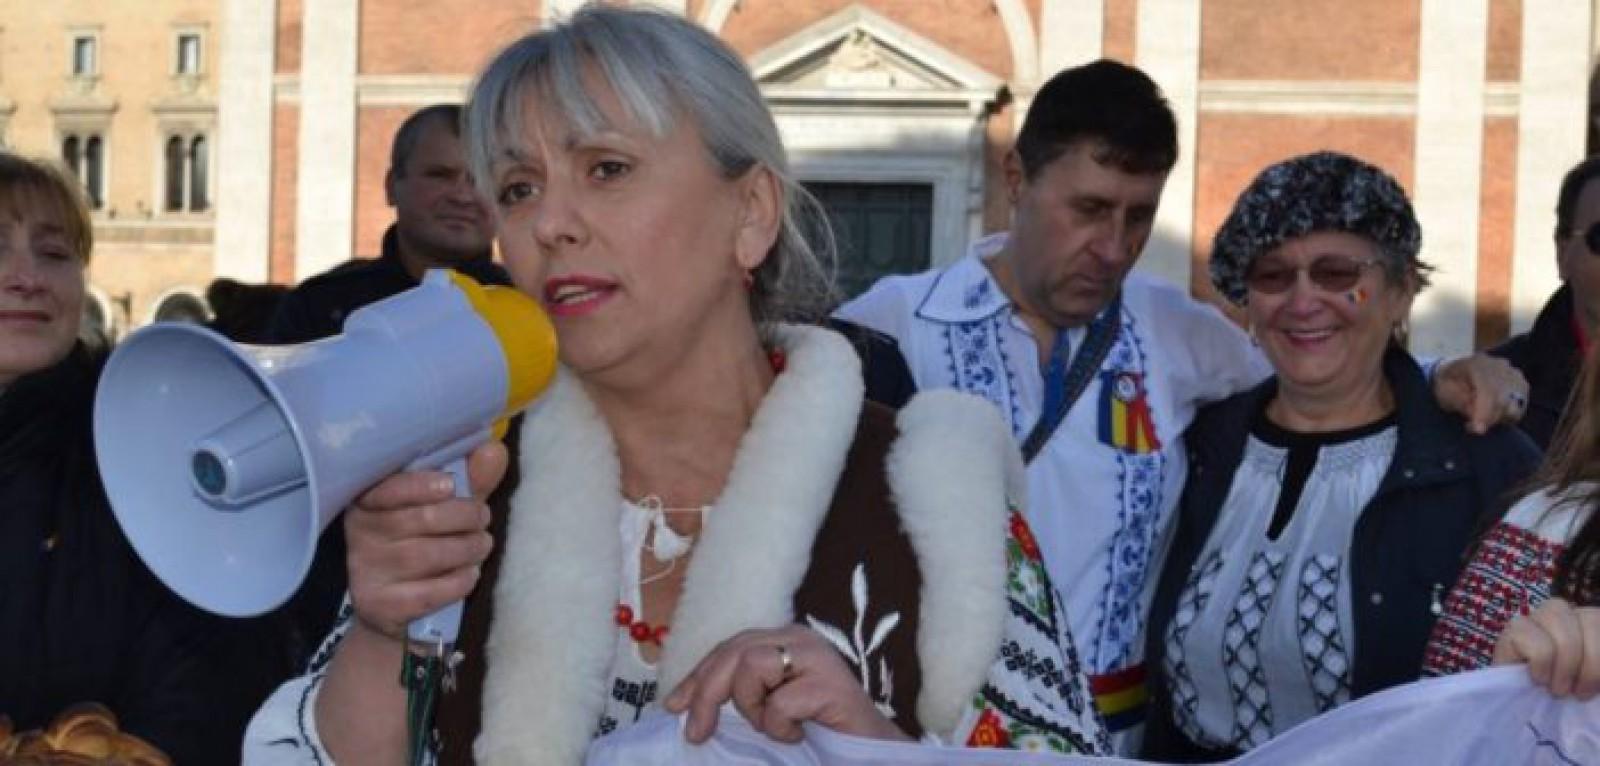 Reprezentantă din diasporă: Dacă nu se schimbă lucrurile, va trebui sa venim acasă în perioada alegerilor